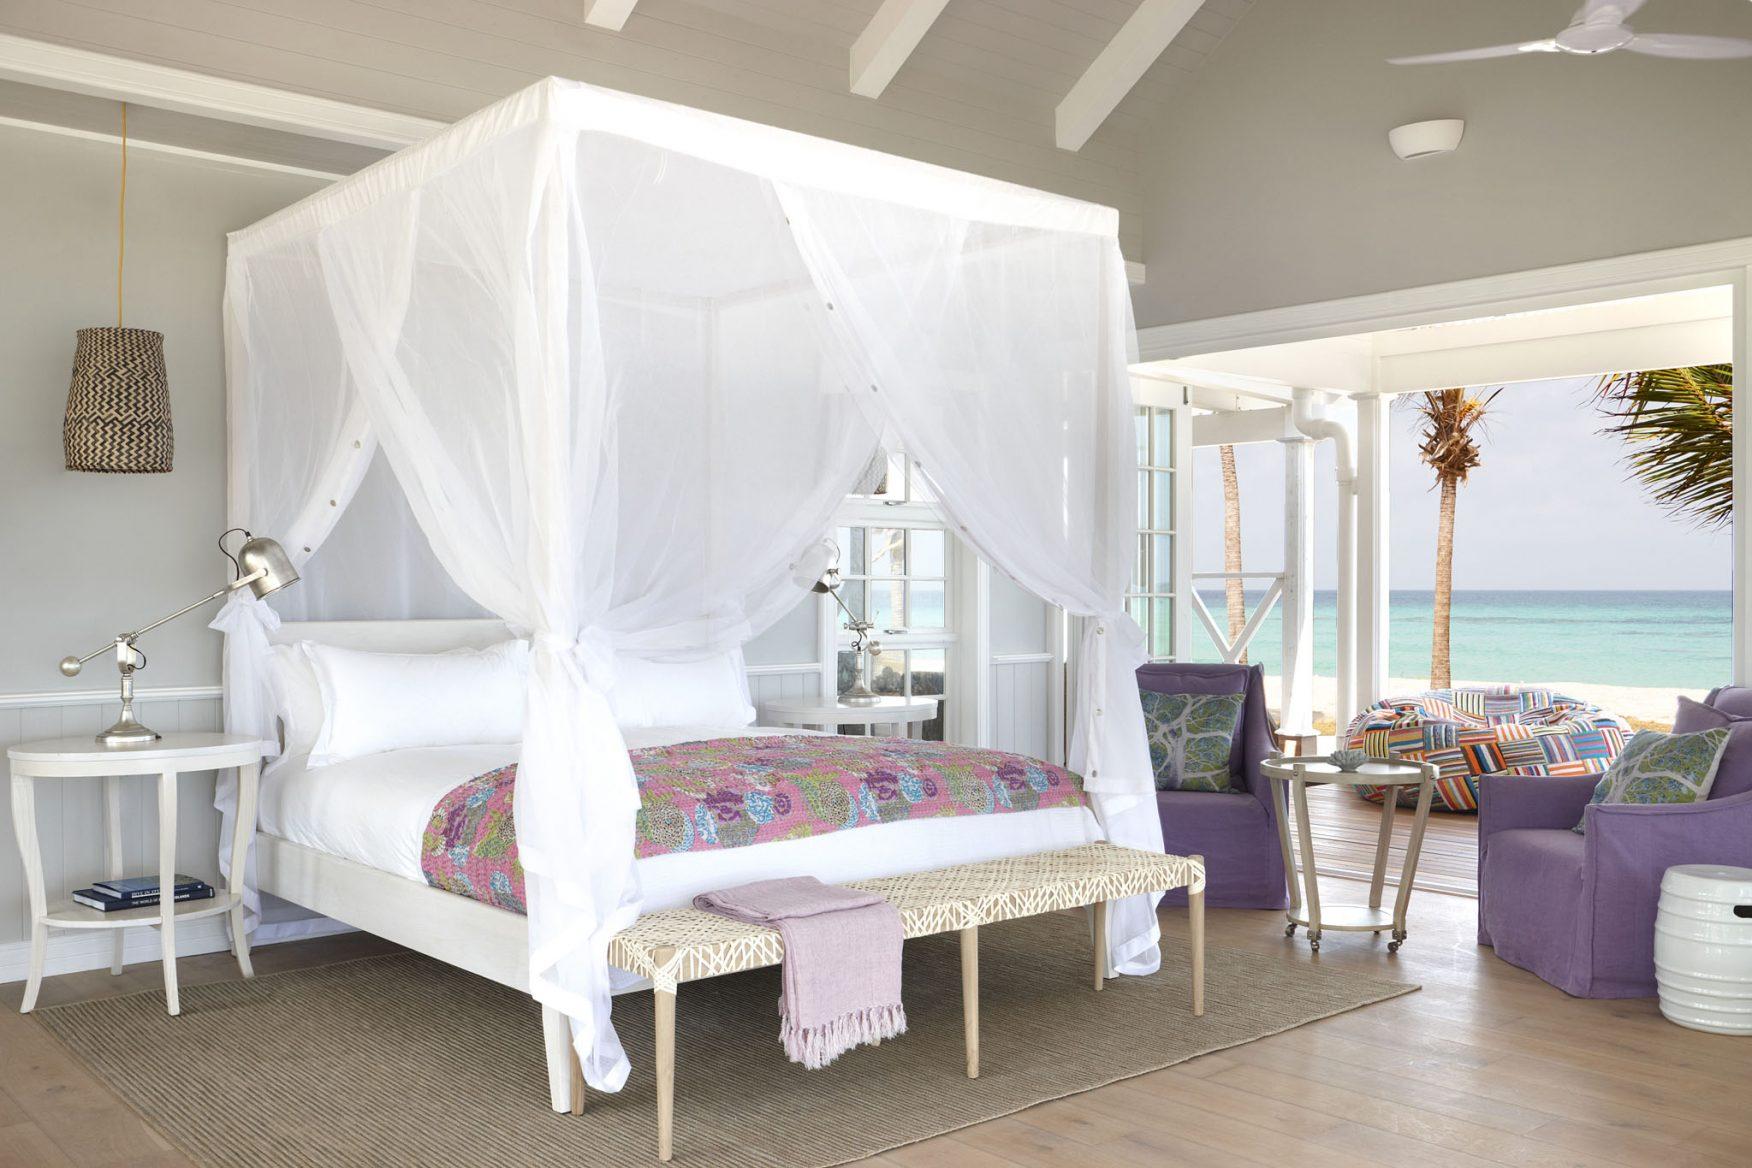 villa-double-room